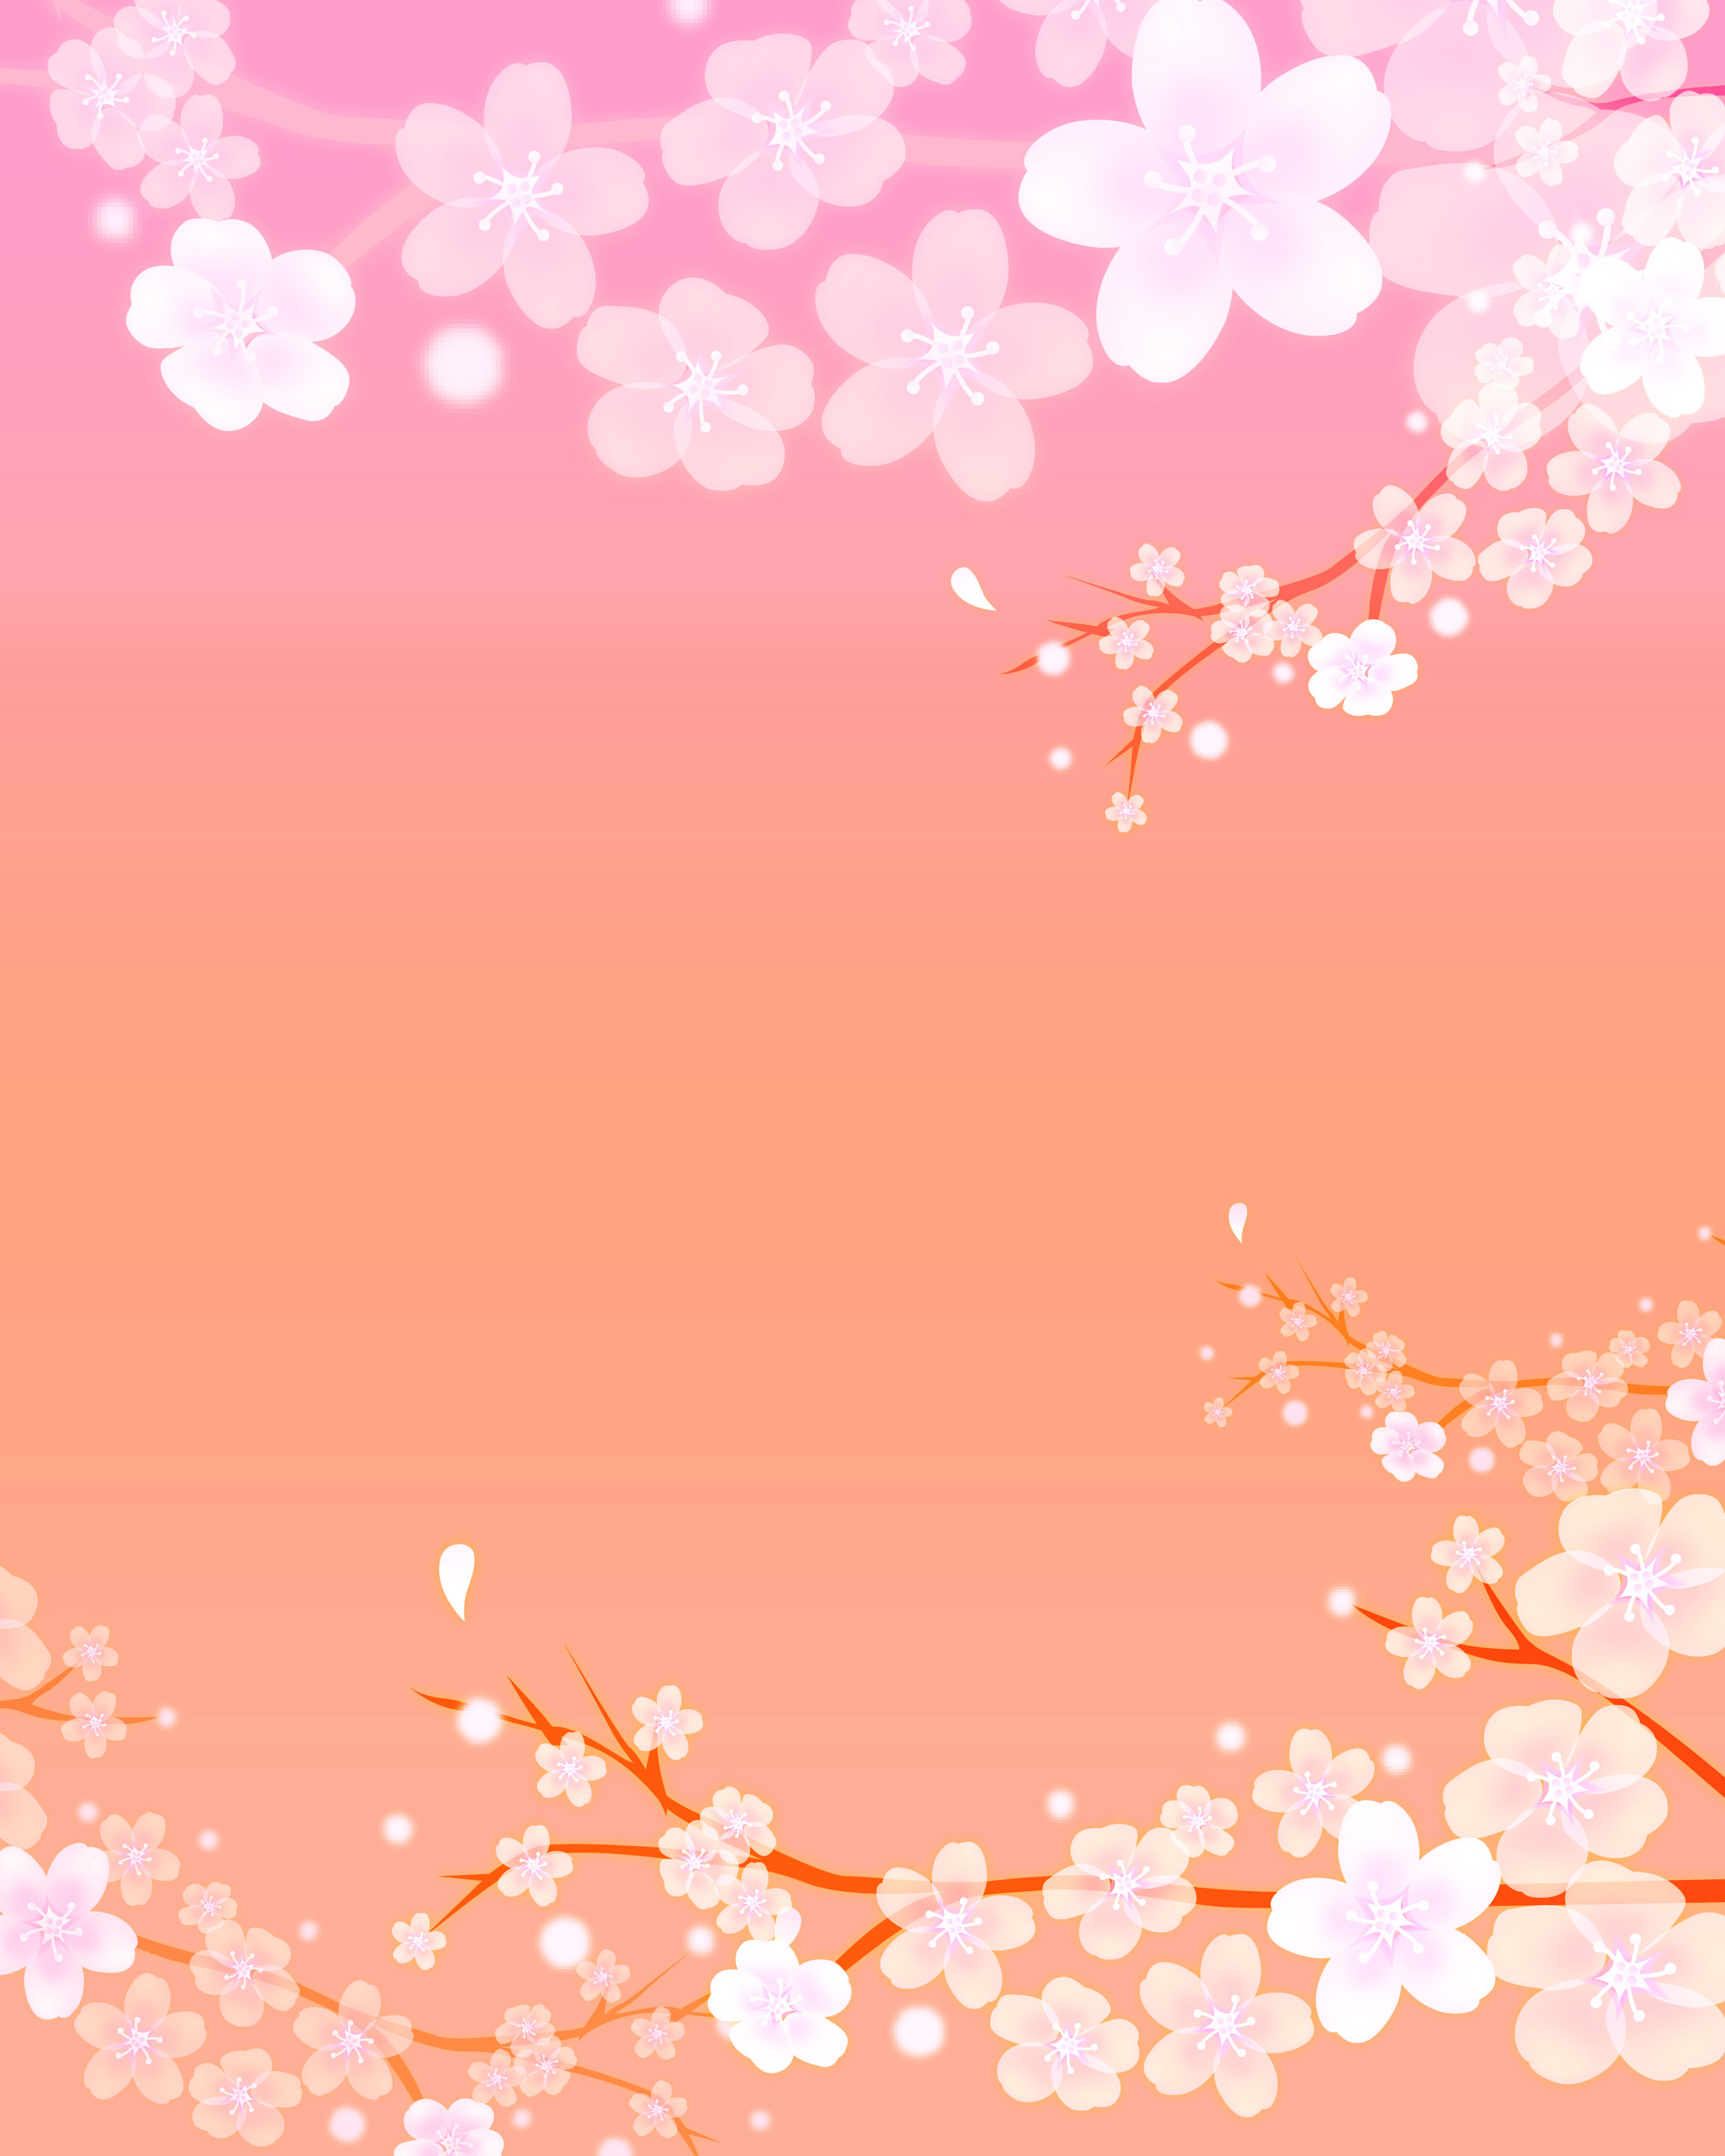 花のイラスト『壁紙・背景』/無料のフリー素材集【百花繚乱】